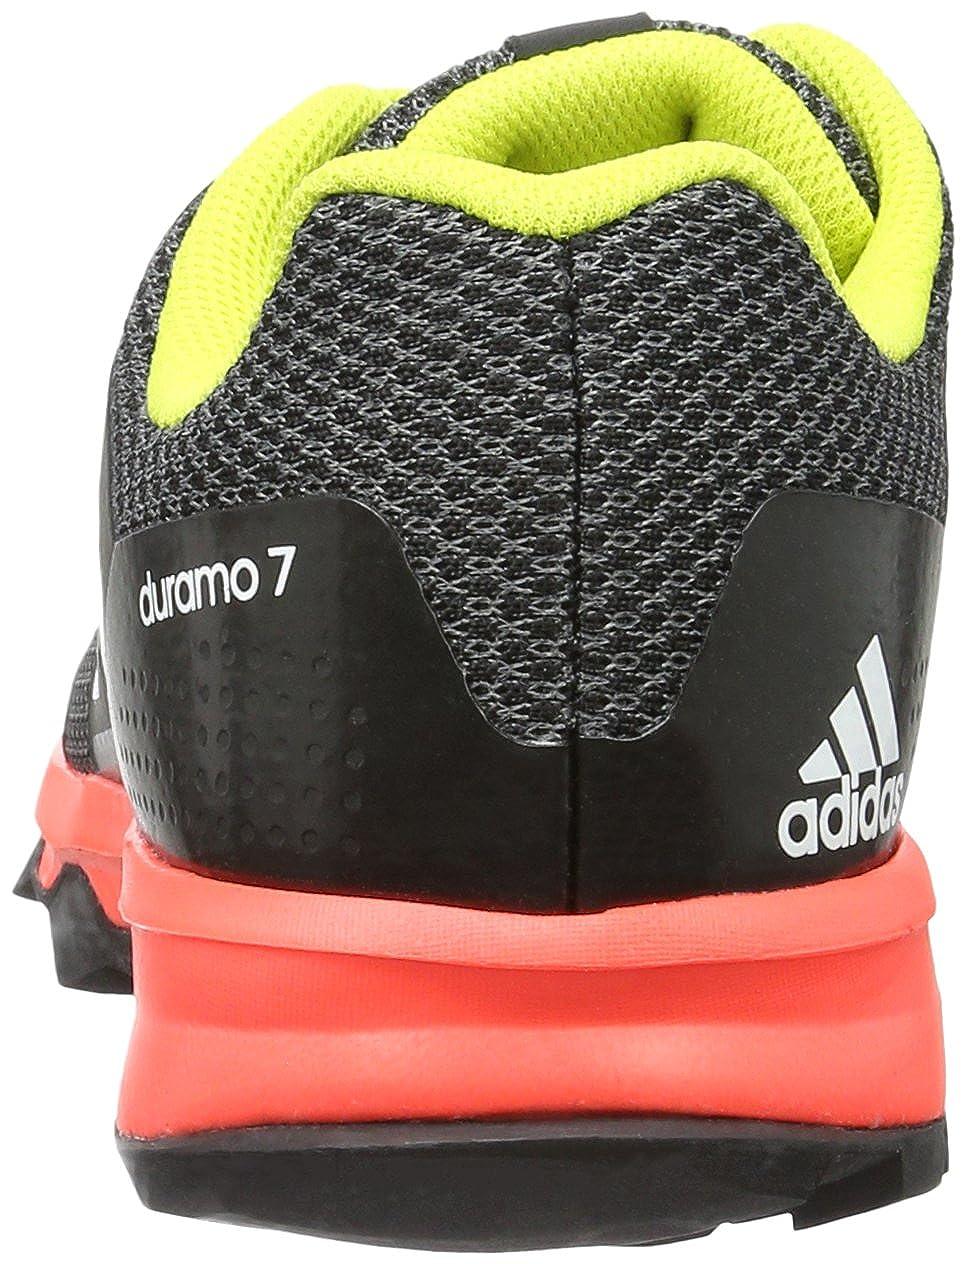 big sale bf088 2c0b7 adidas Mens Duramo 7 Trail M Running Shoes, Black (NegbasFtwbla   Rojsol), 11.5 Amazon.co.uk Shoes  Bags